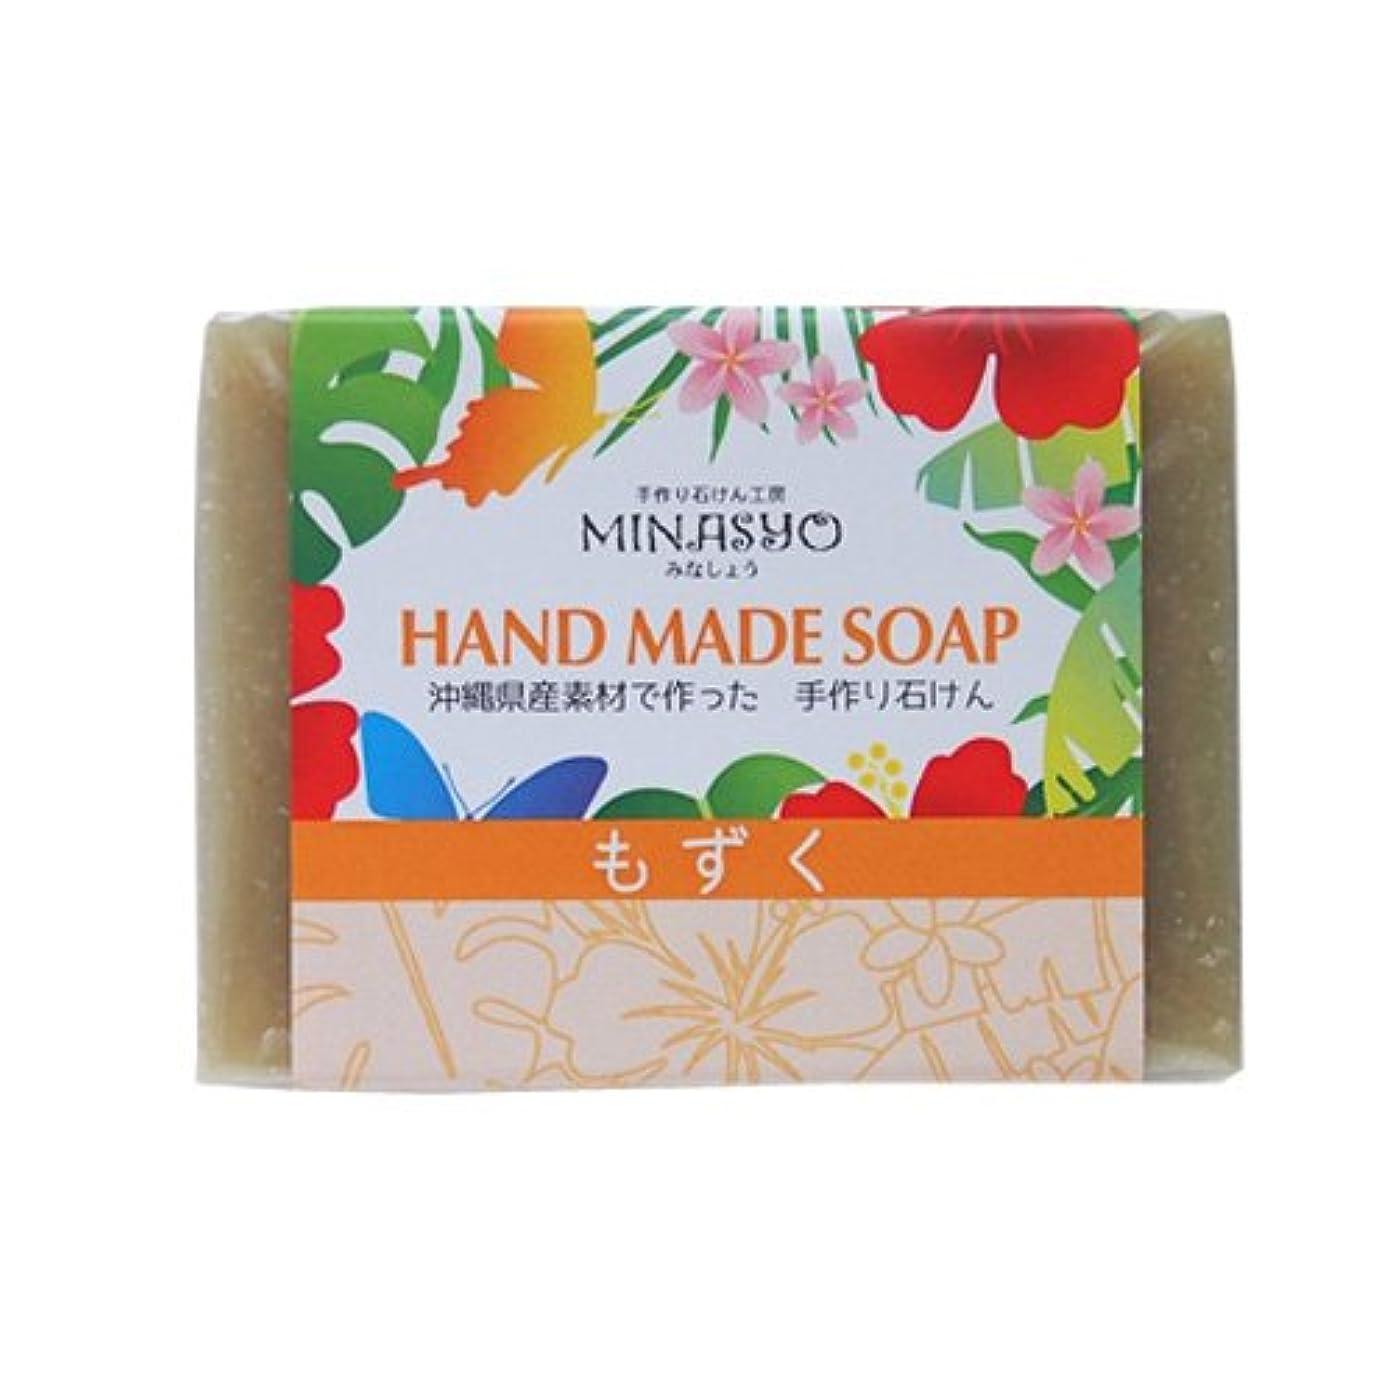 盗難一定視線洗顔石鹸 固形 無添加 保湿 敏感肌 乾燥肌 手作りもずく石鹸